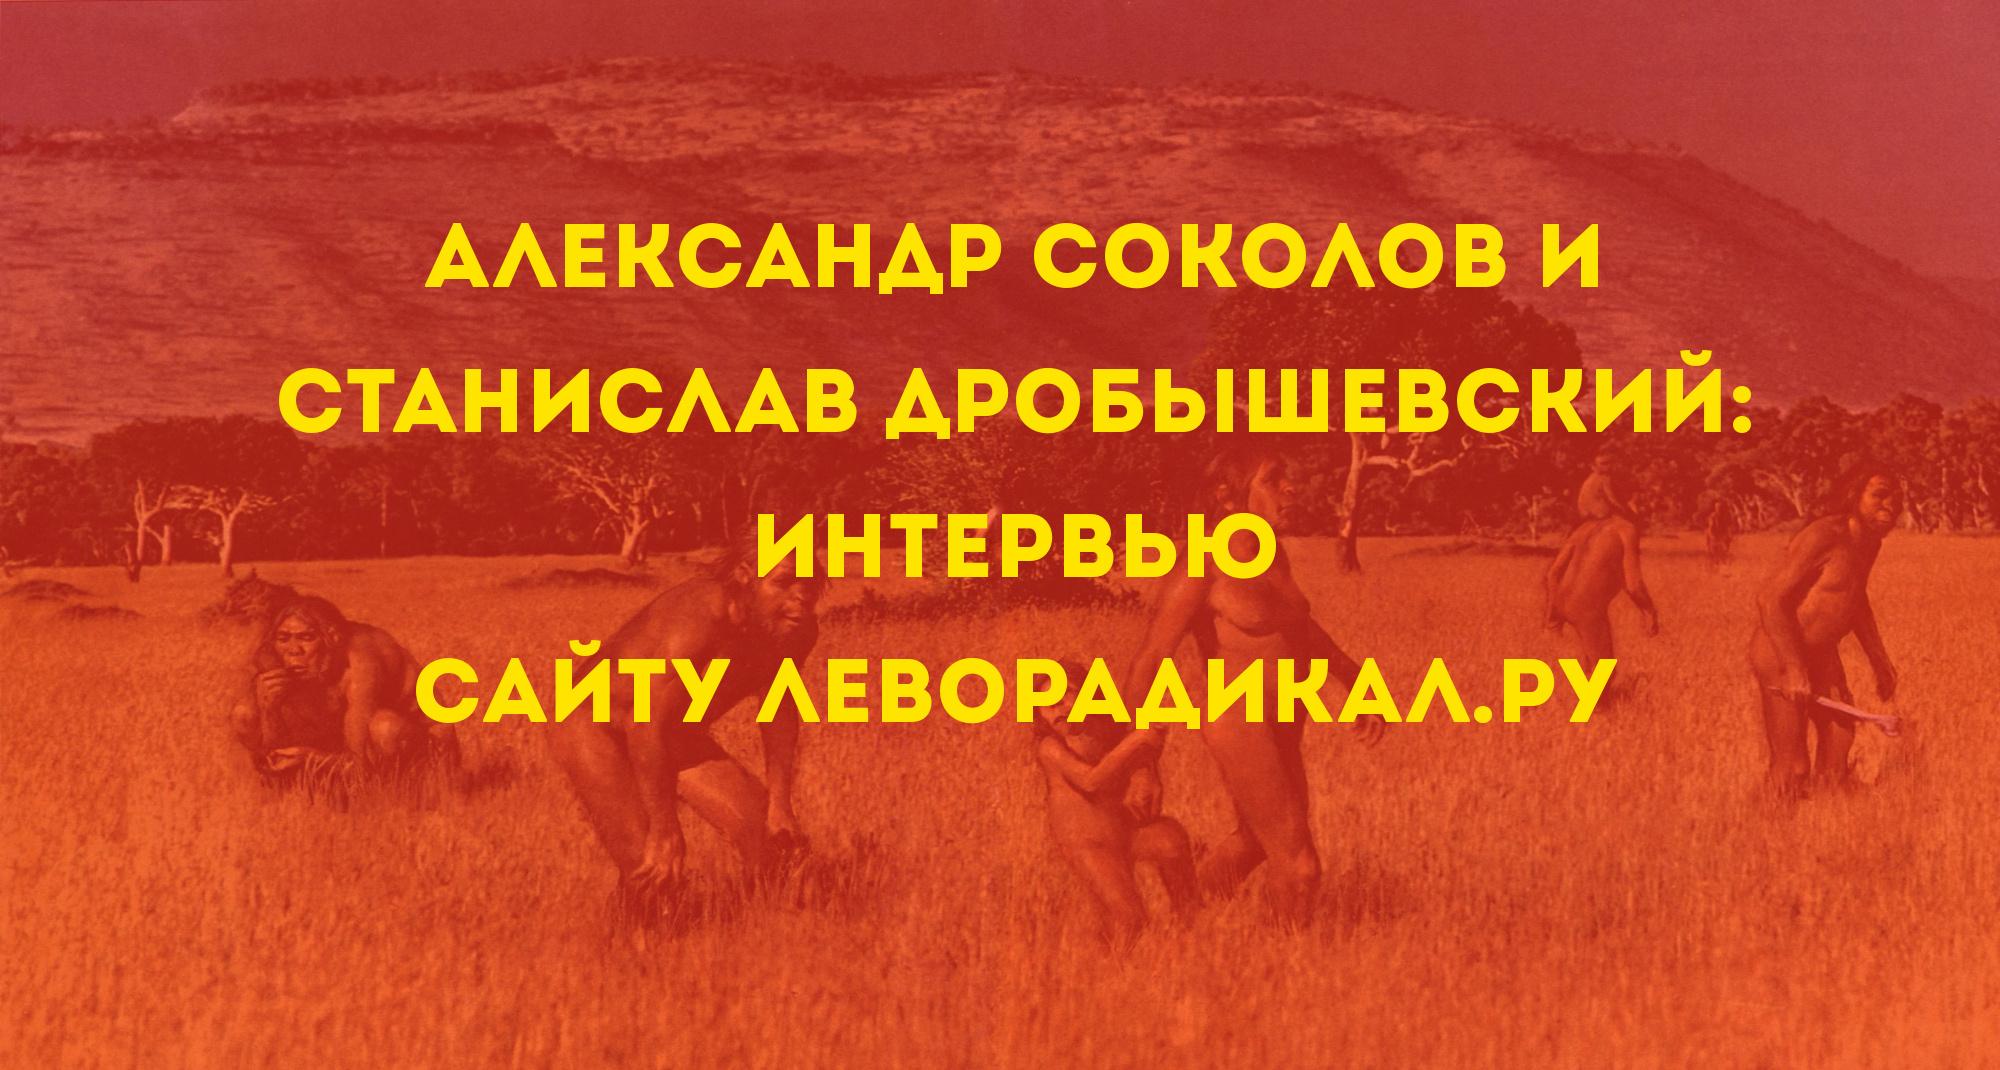 Соколов и Дробышевский интервью 2016